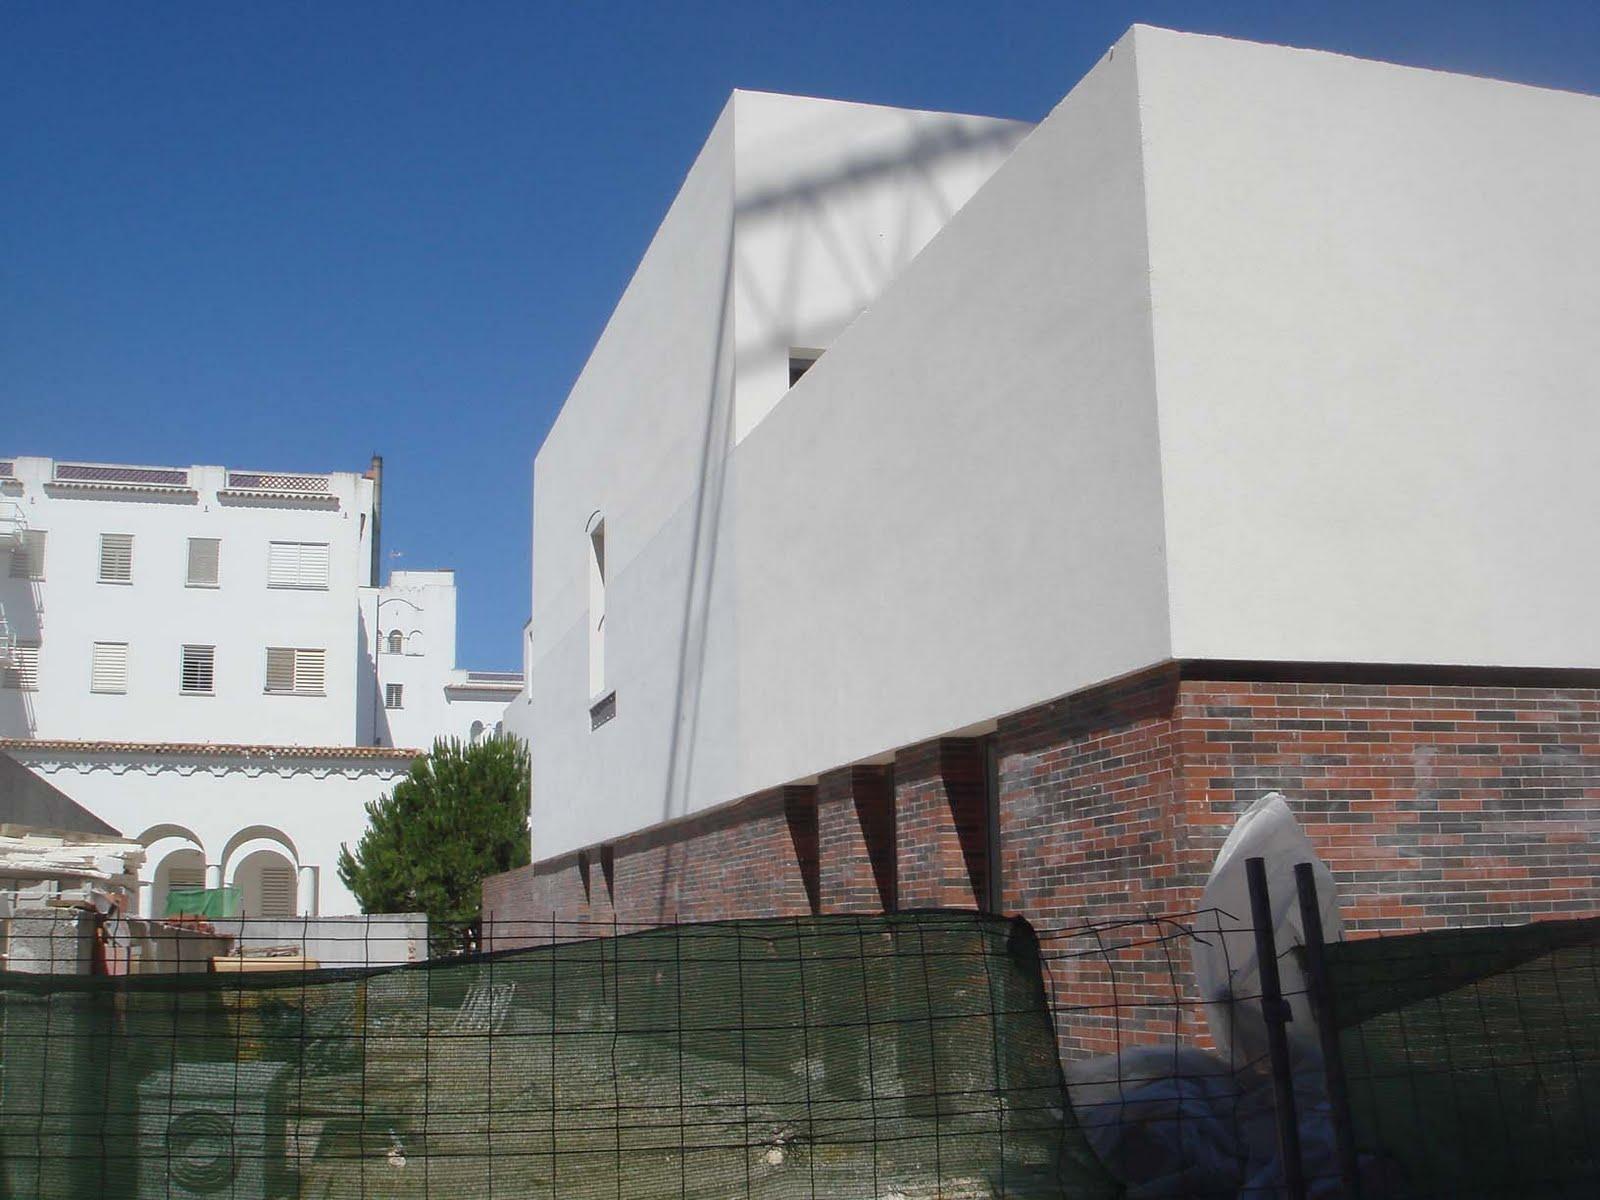 Arquitectura campos alcaide comunidad terap utica de puerto real - Arquitectura tecnica sevilla ...